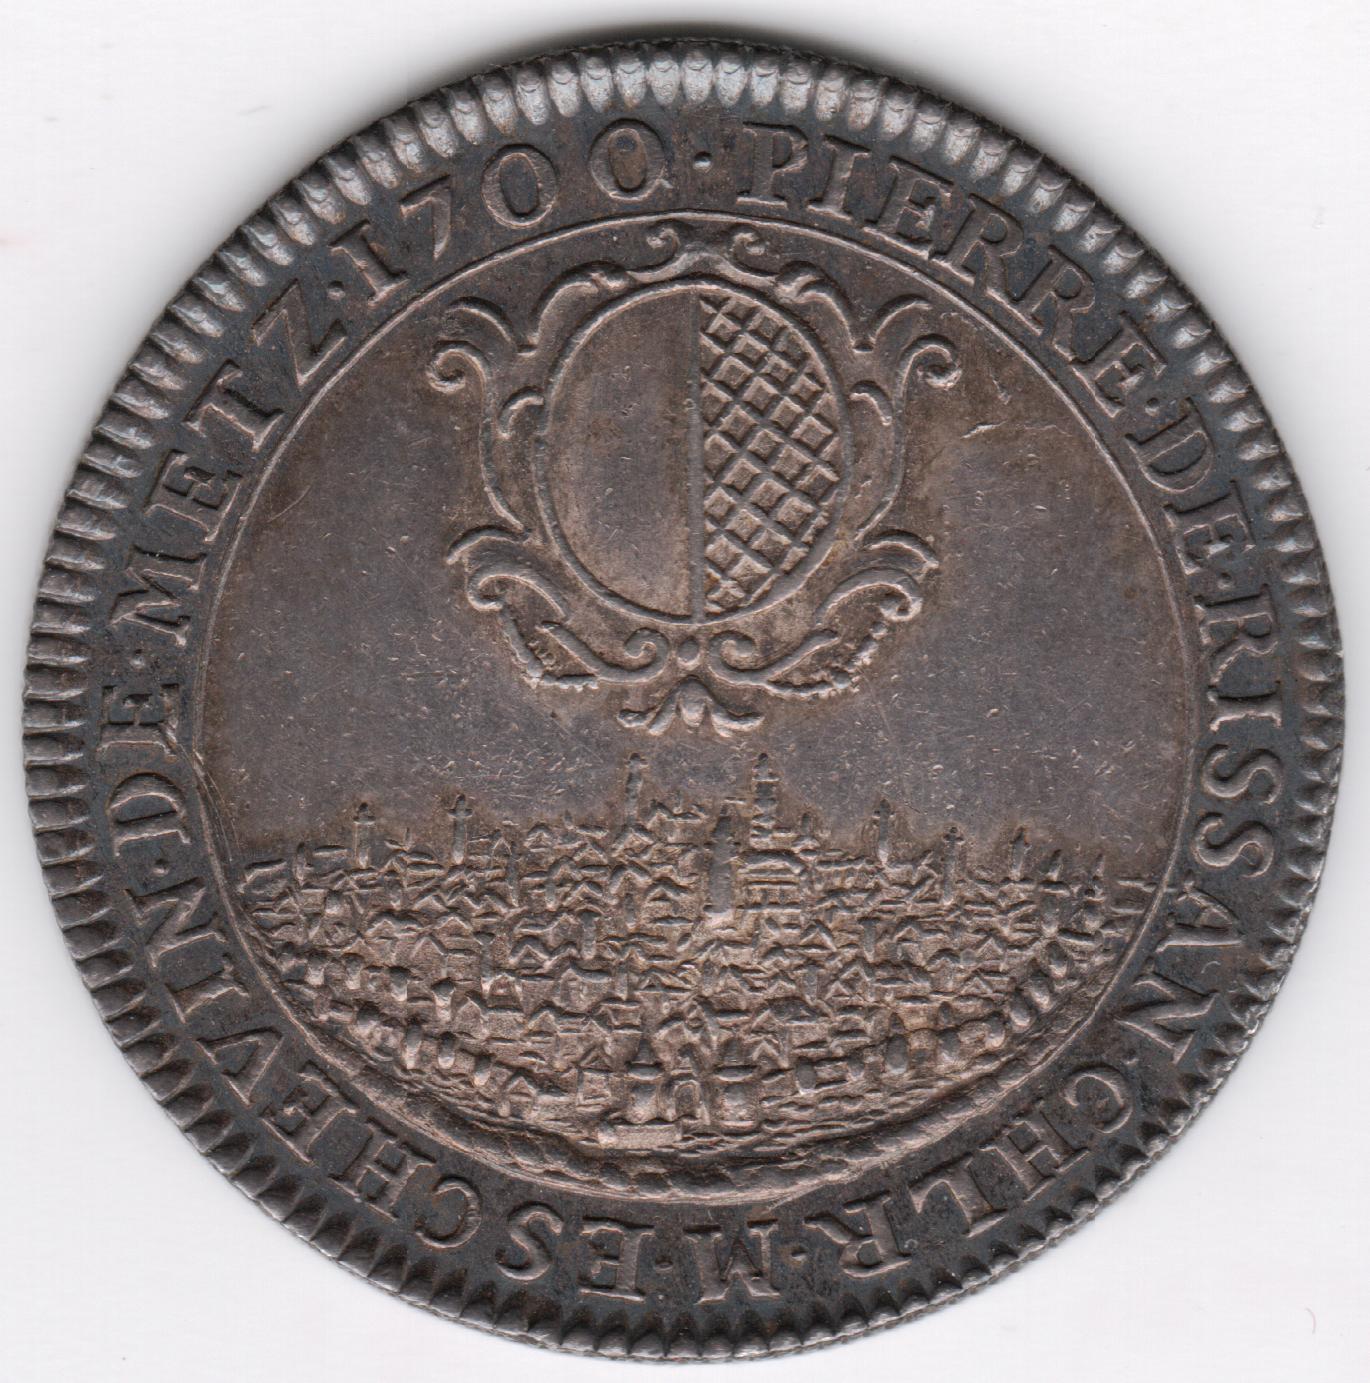 Pierre de rissan a jeton de 1700 p 5 716 argent